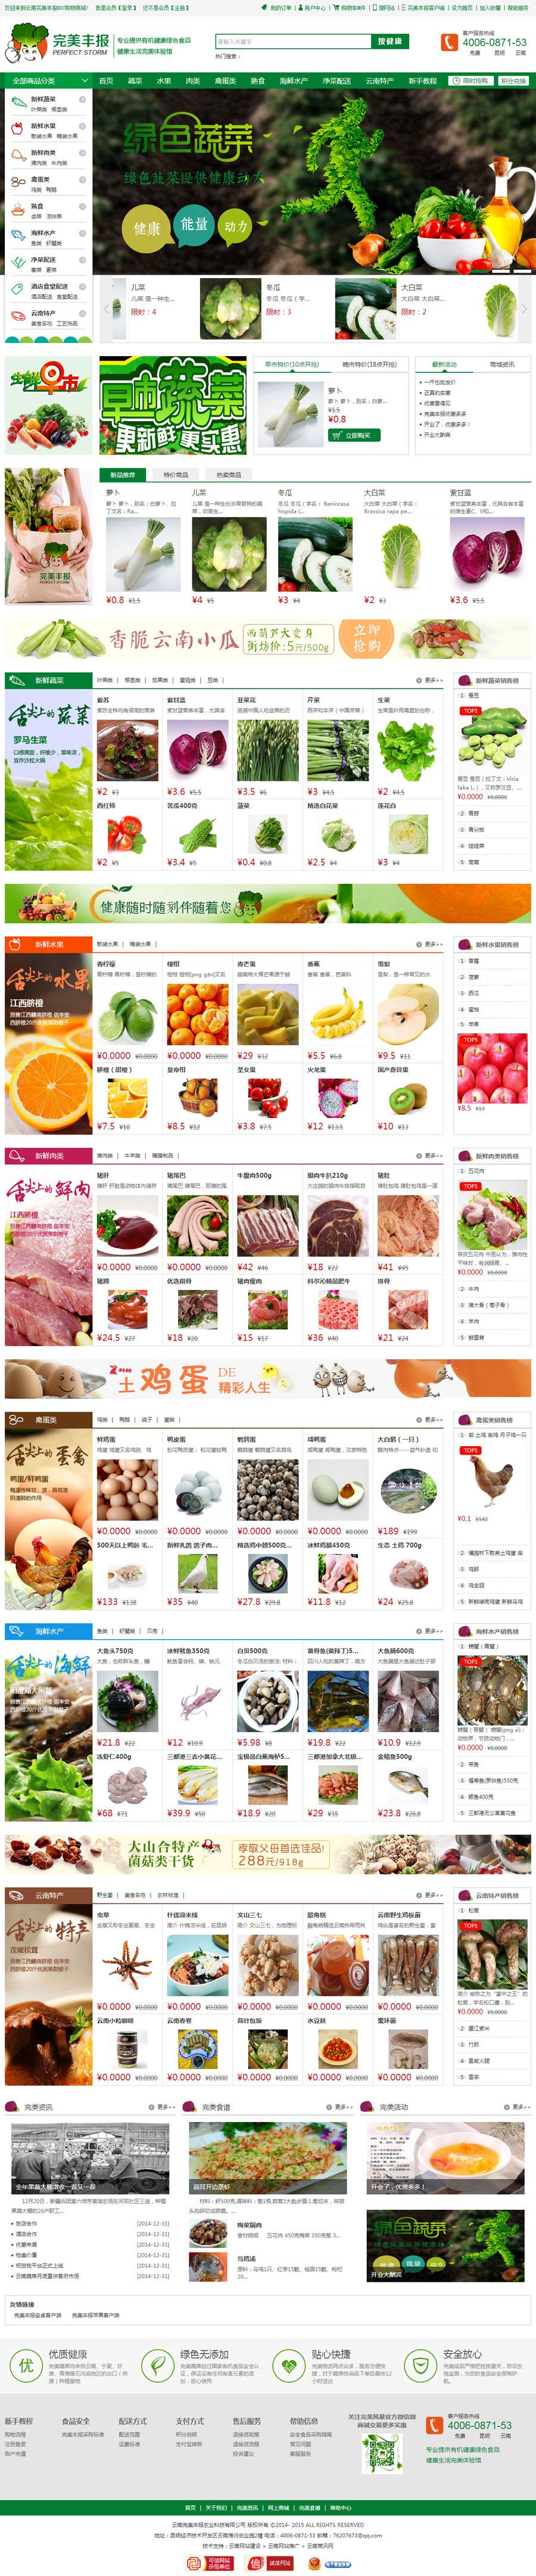 必威app做网站的公司